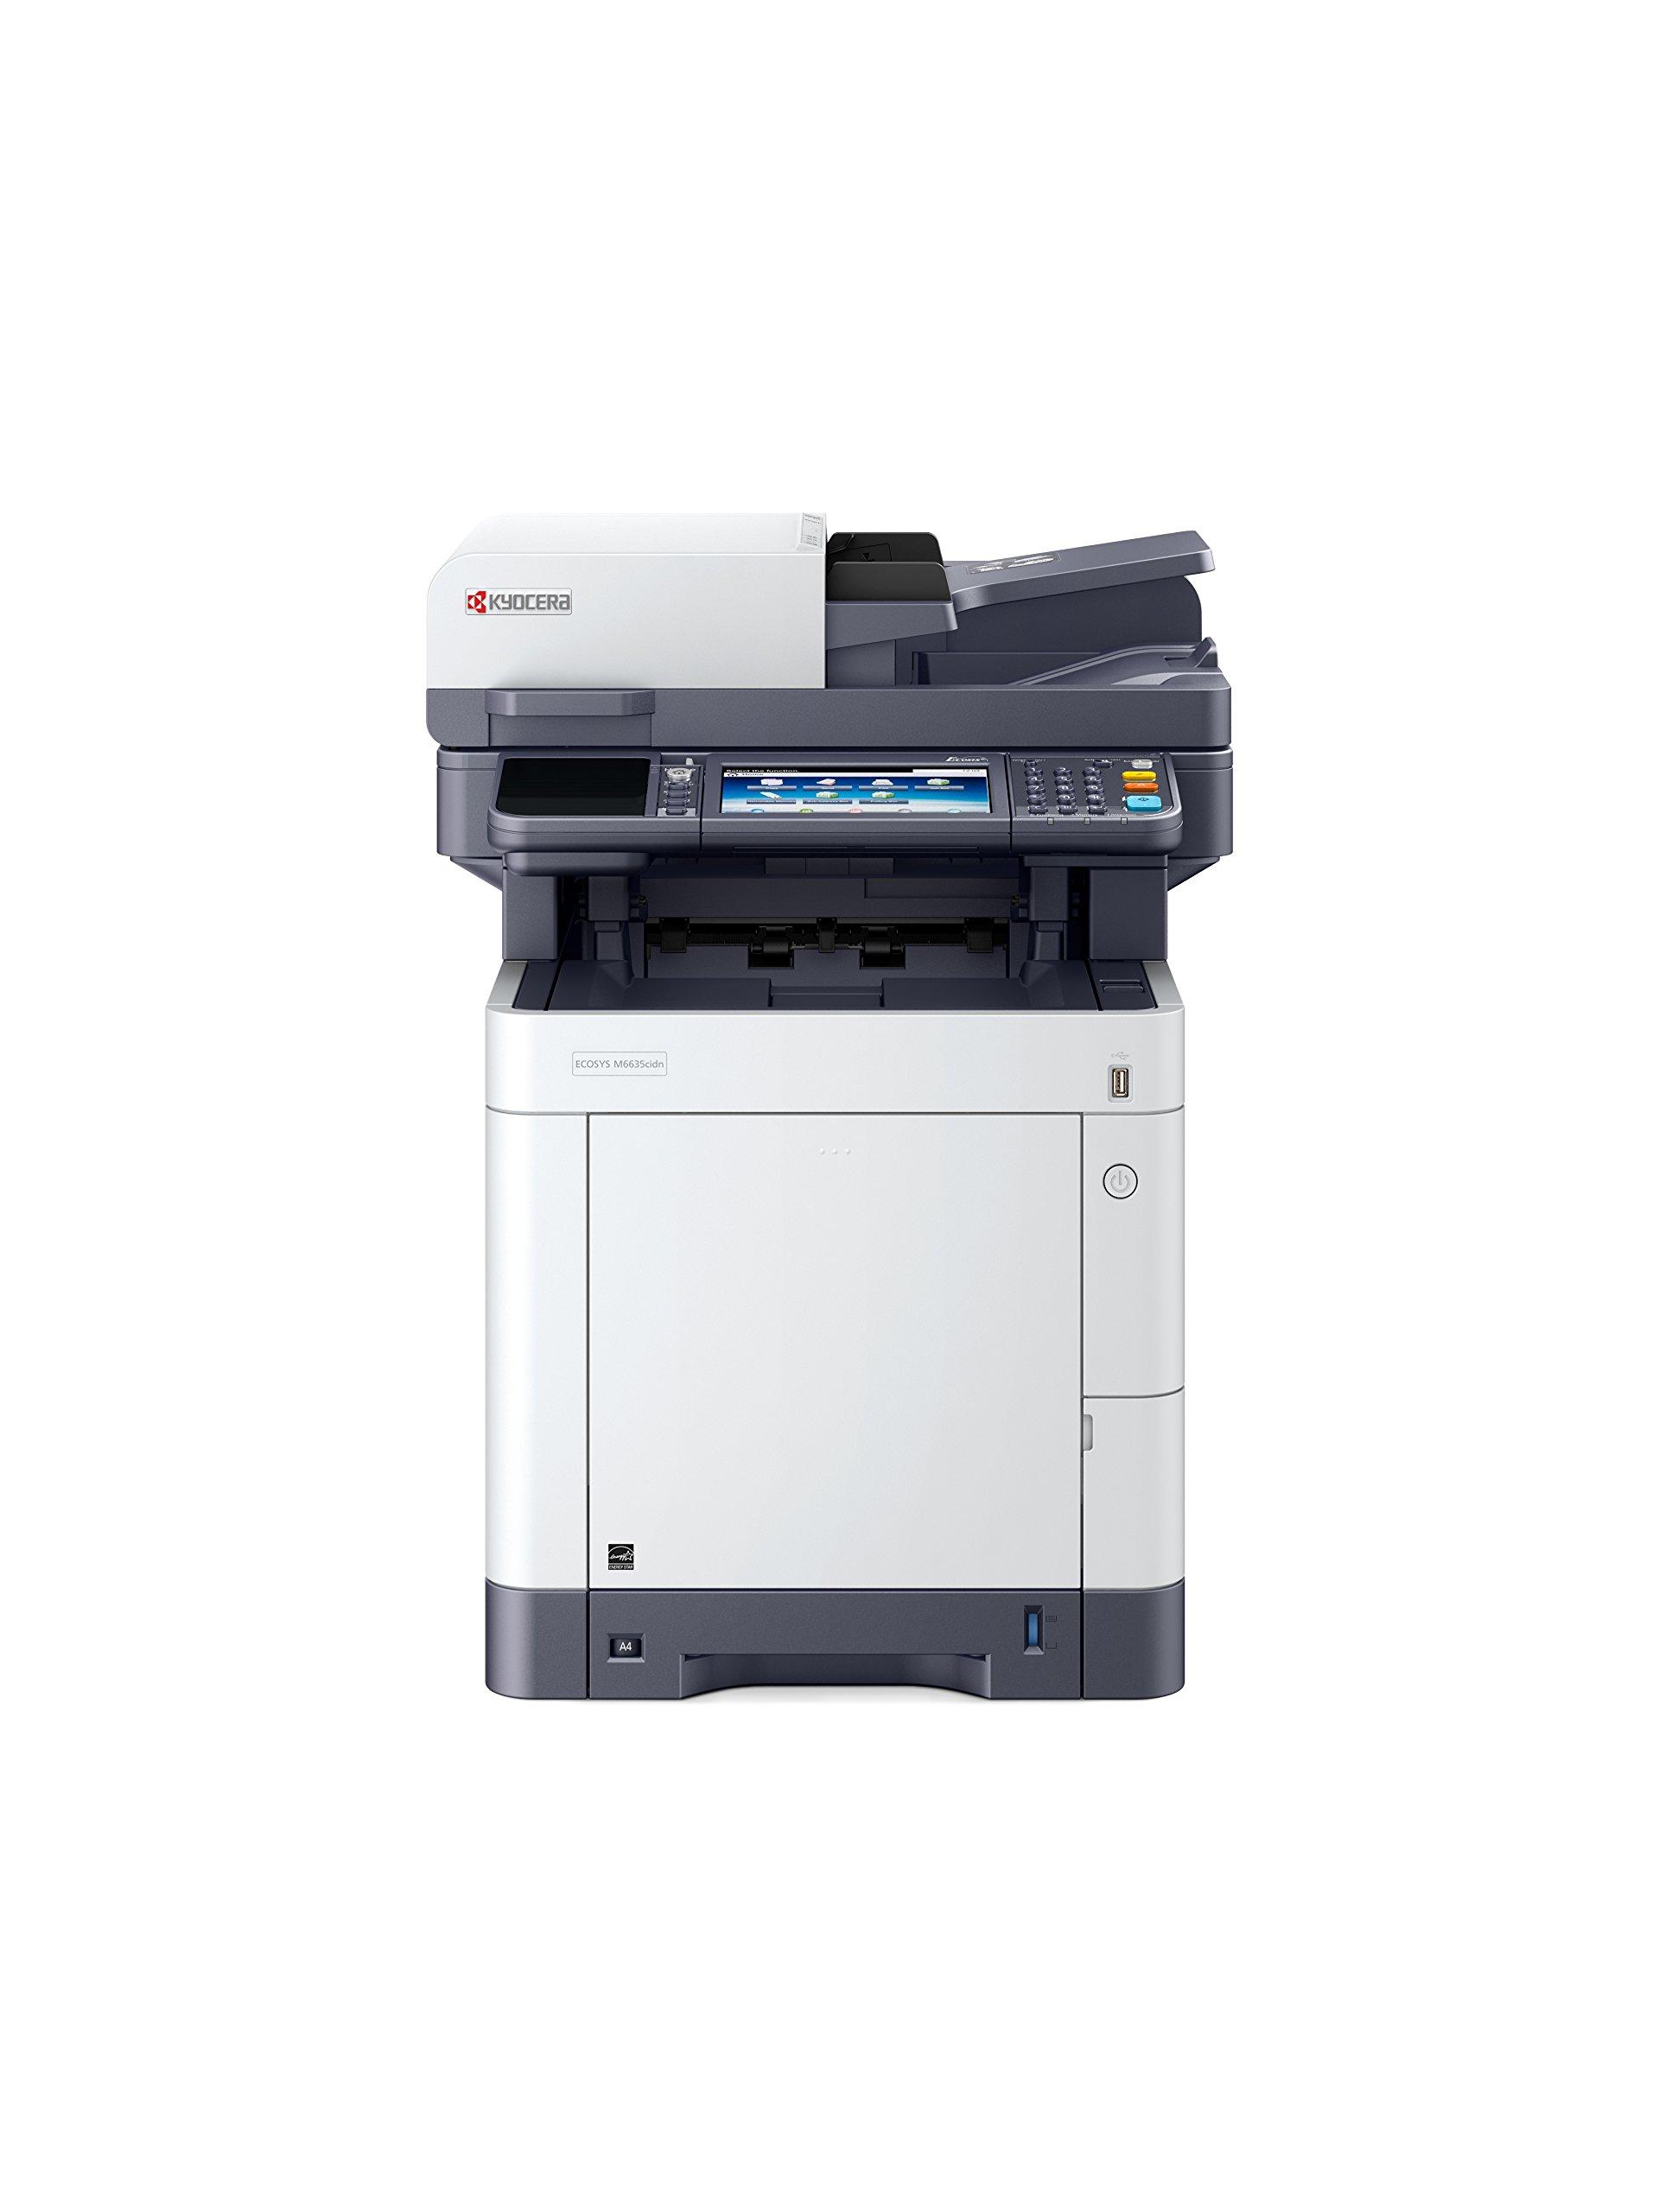 KYOCERA ECOSYS M6635cidn 1200DPI Printer